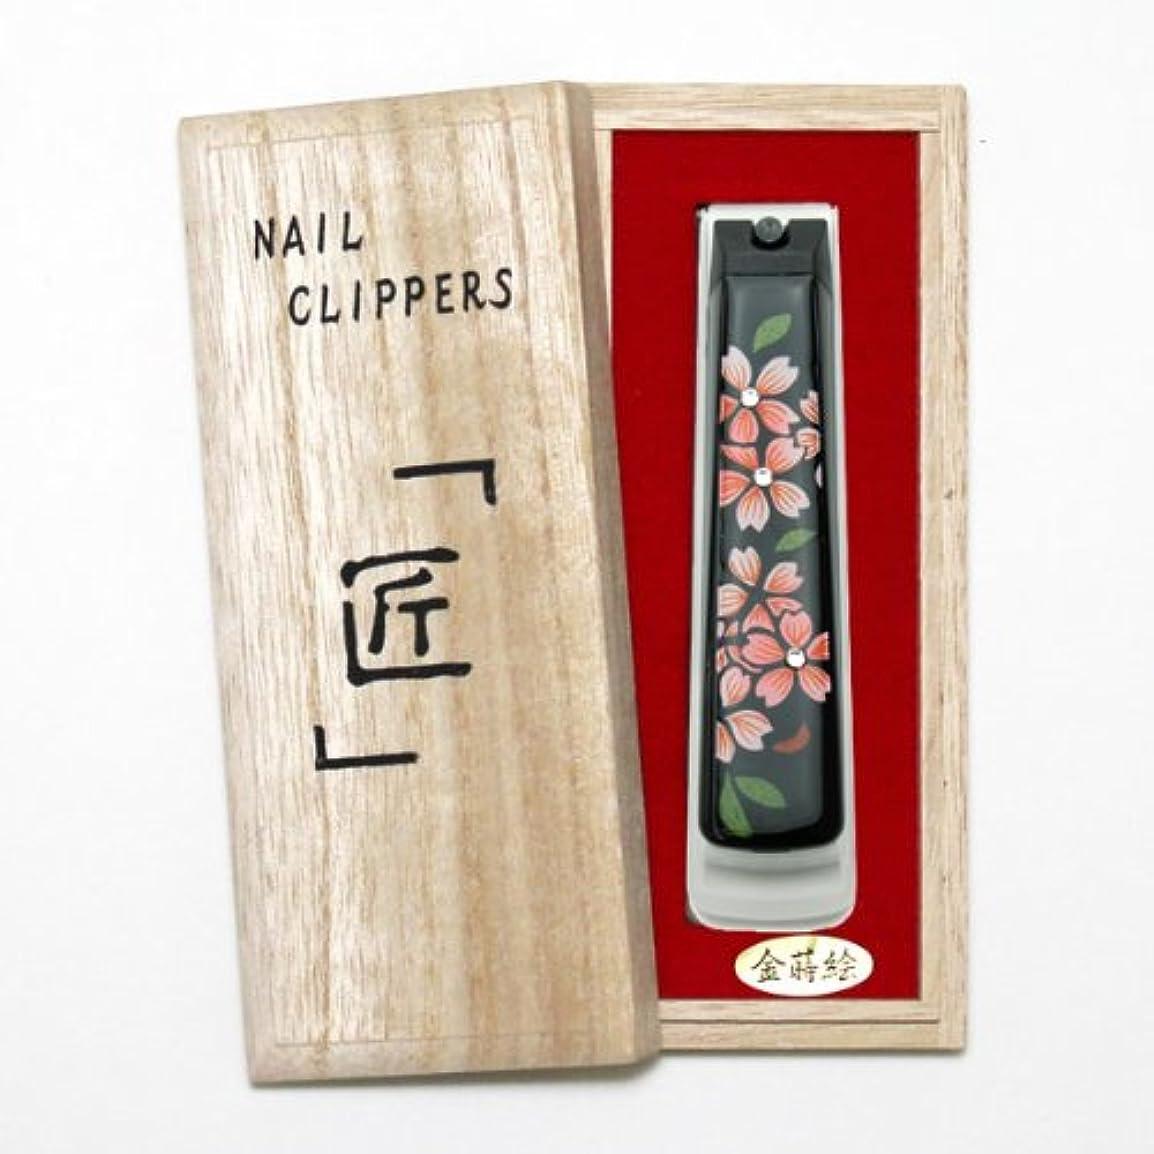 空いている宗教強います橋本漆芸 蒔絵爪切り ミニサイズ スワロフスキー桜 桐箱